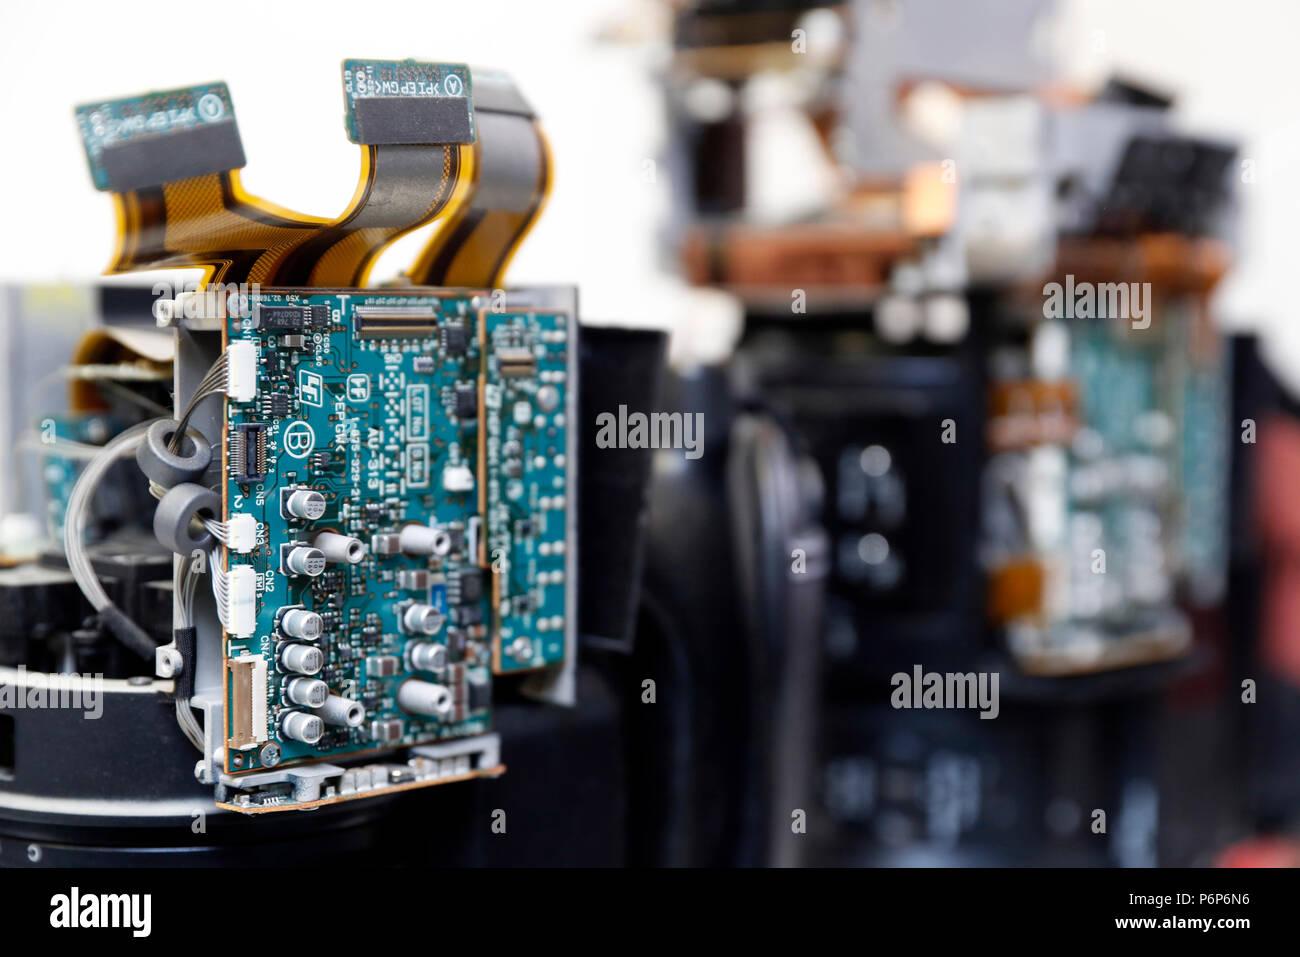 Motherboard, oder die Hauptleiterplatte ein Video Kamera. Close-up. Genf. Die Schweiz. Stockbild